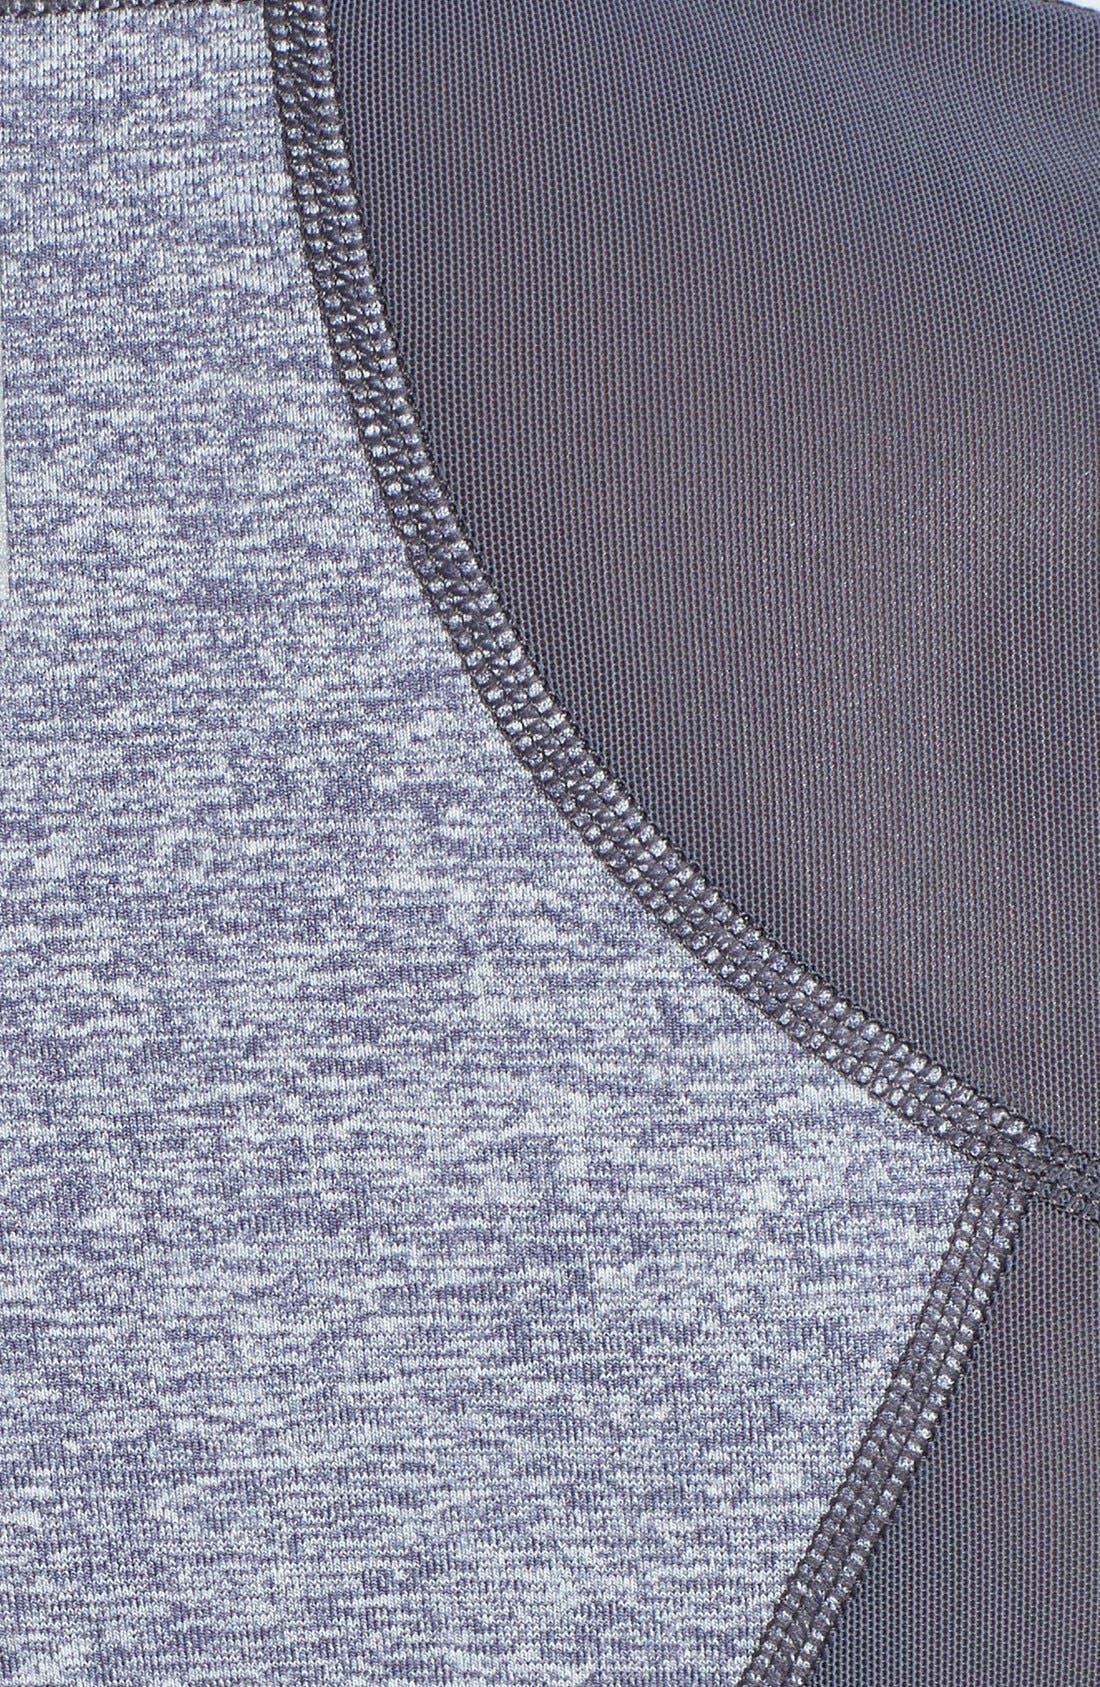 Alternate Image 3  - Zella 'Halo - Mélange' Jacket